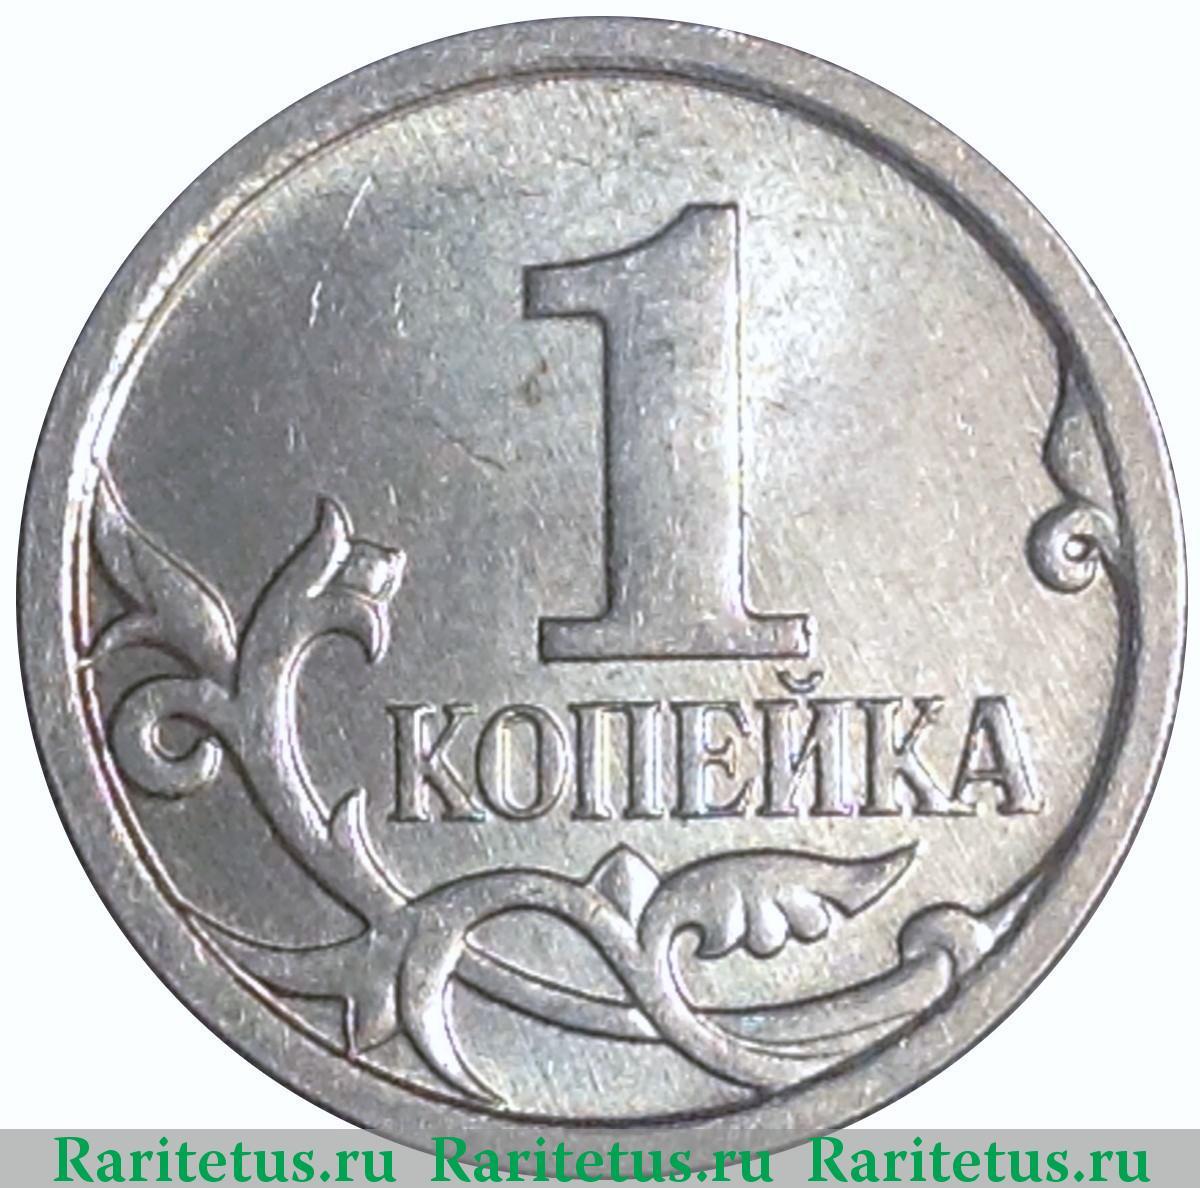 Украйна стоимось 1 к 2007 года дальневосточная черепаха красная книга